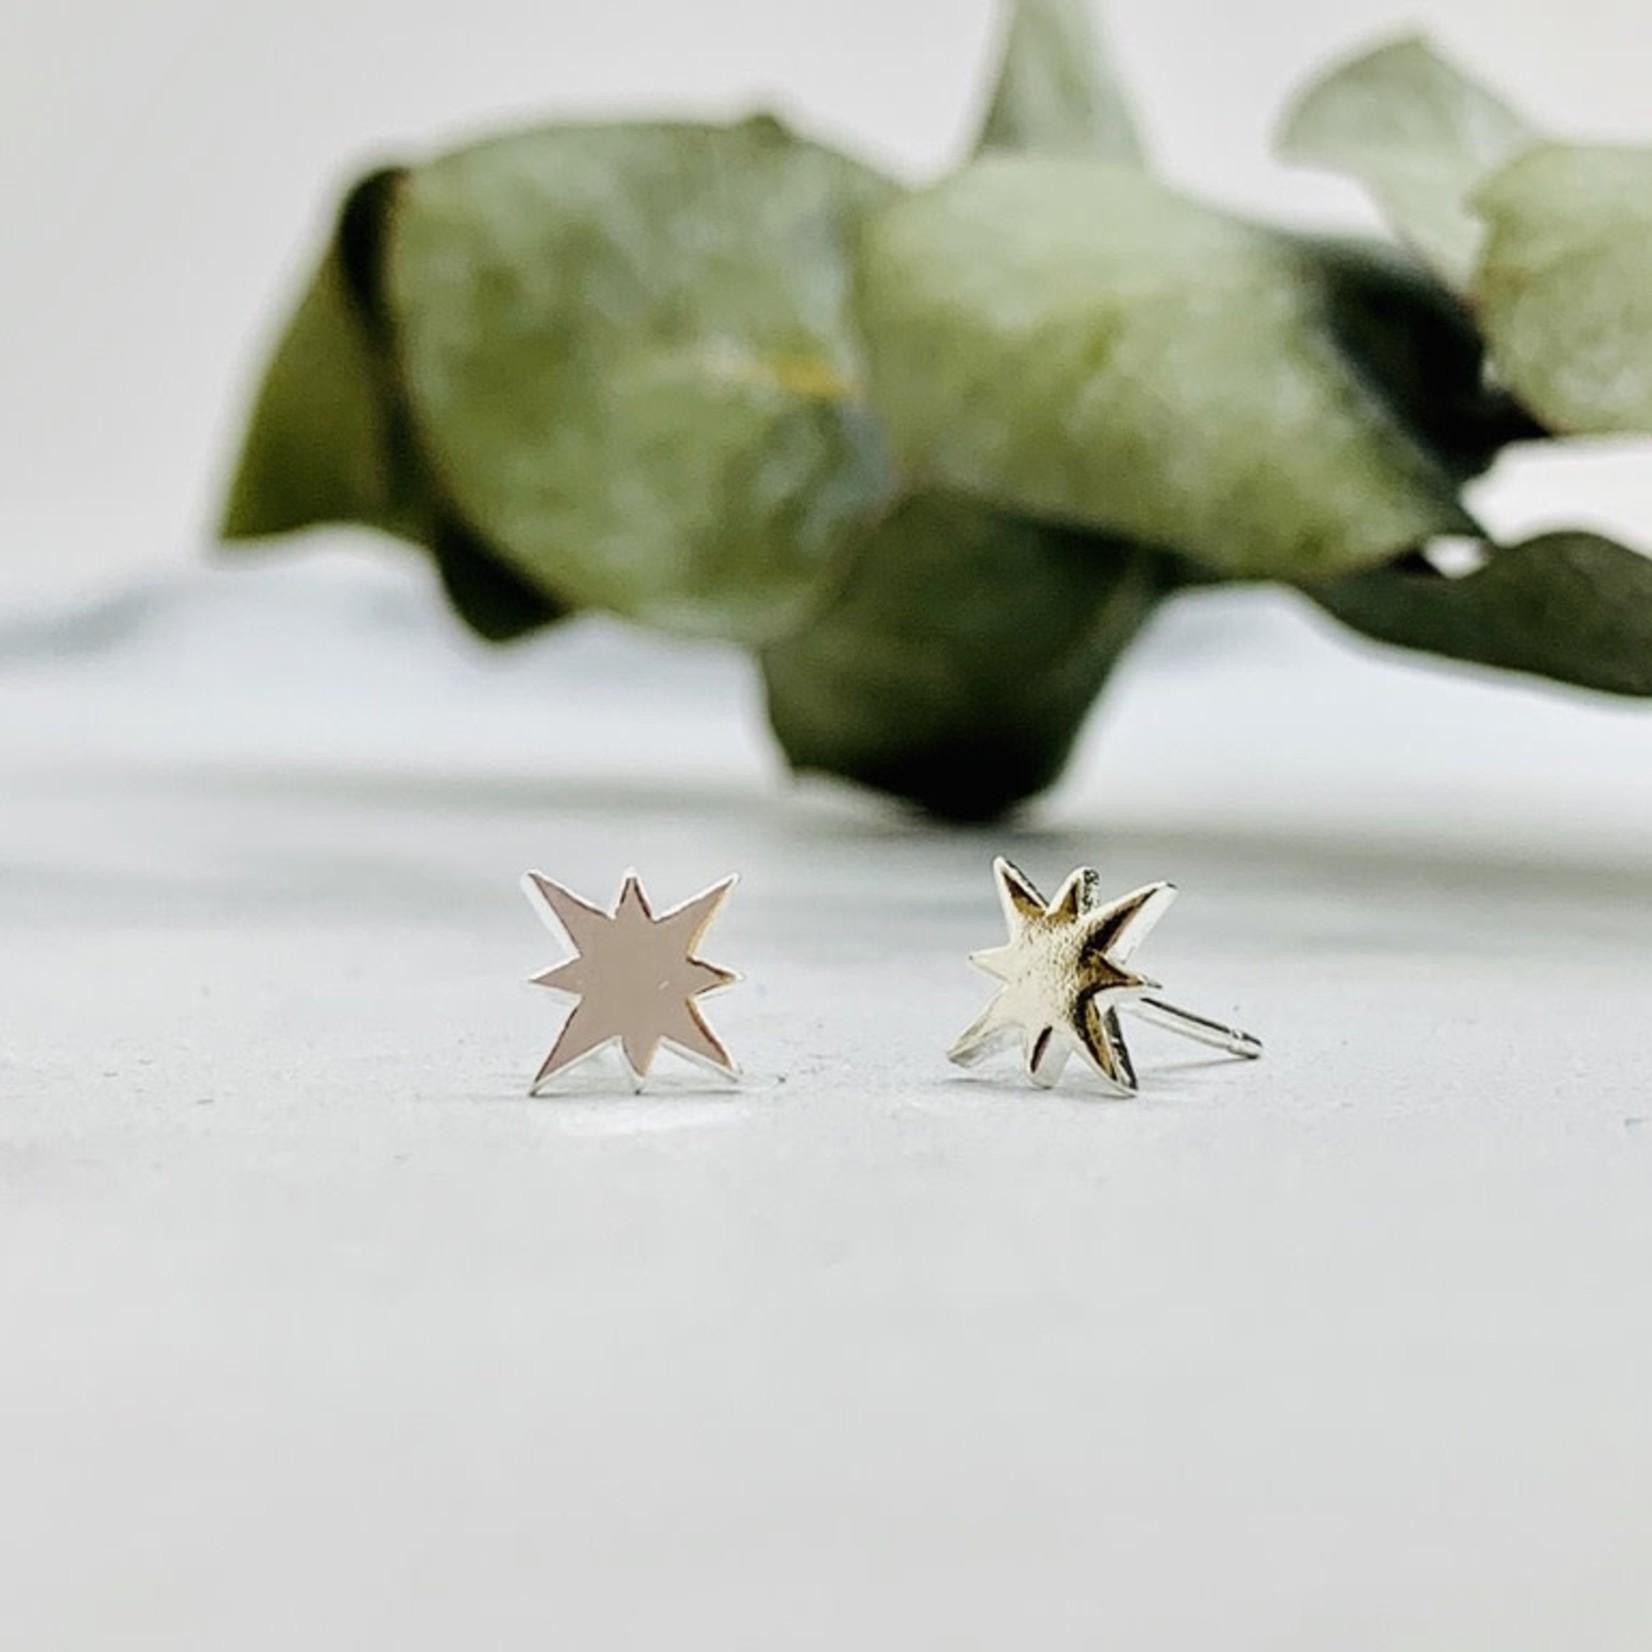 8-point Star Stud Earrings, Sterling Silver